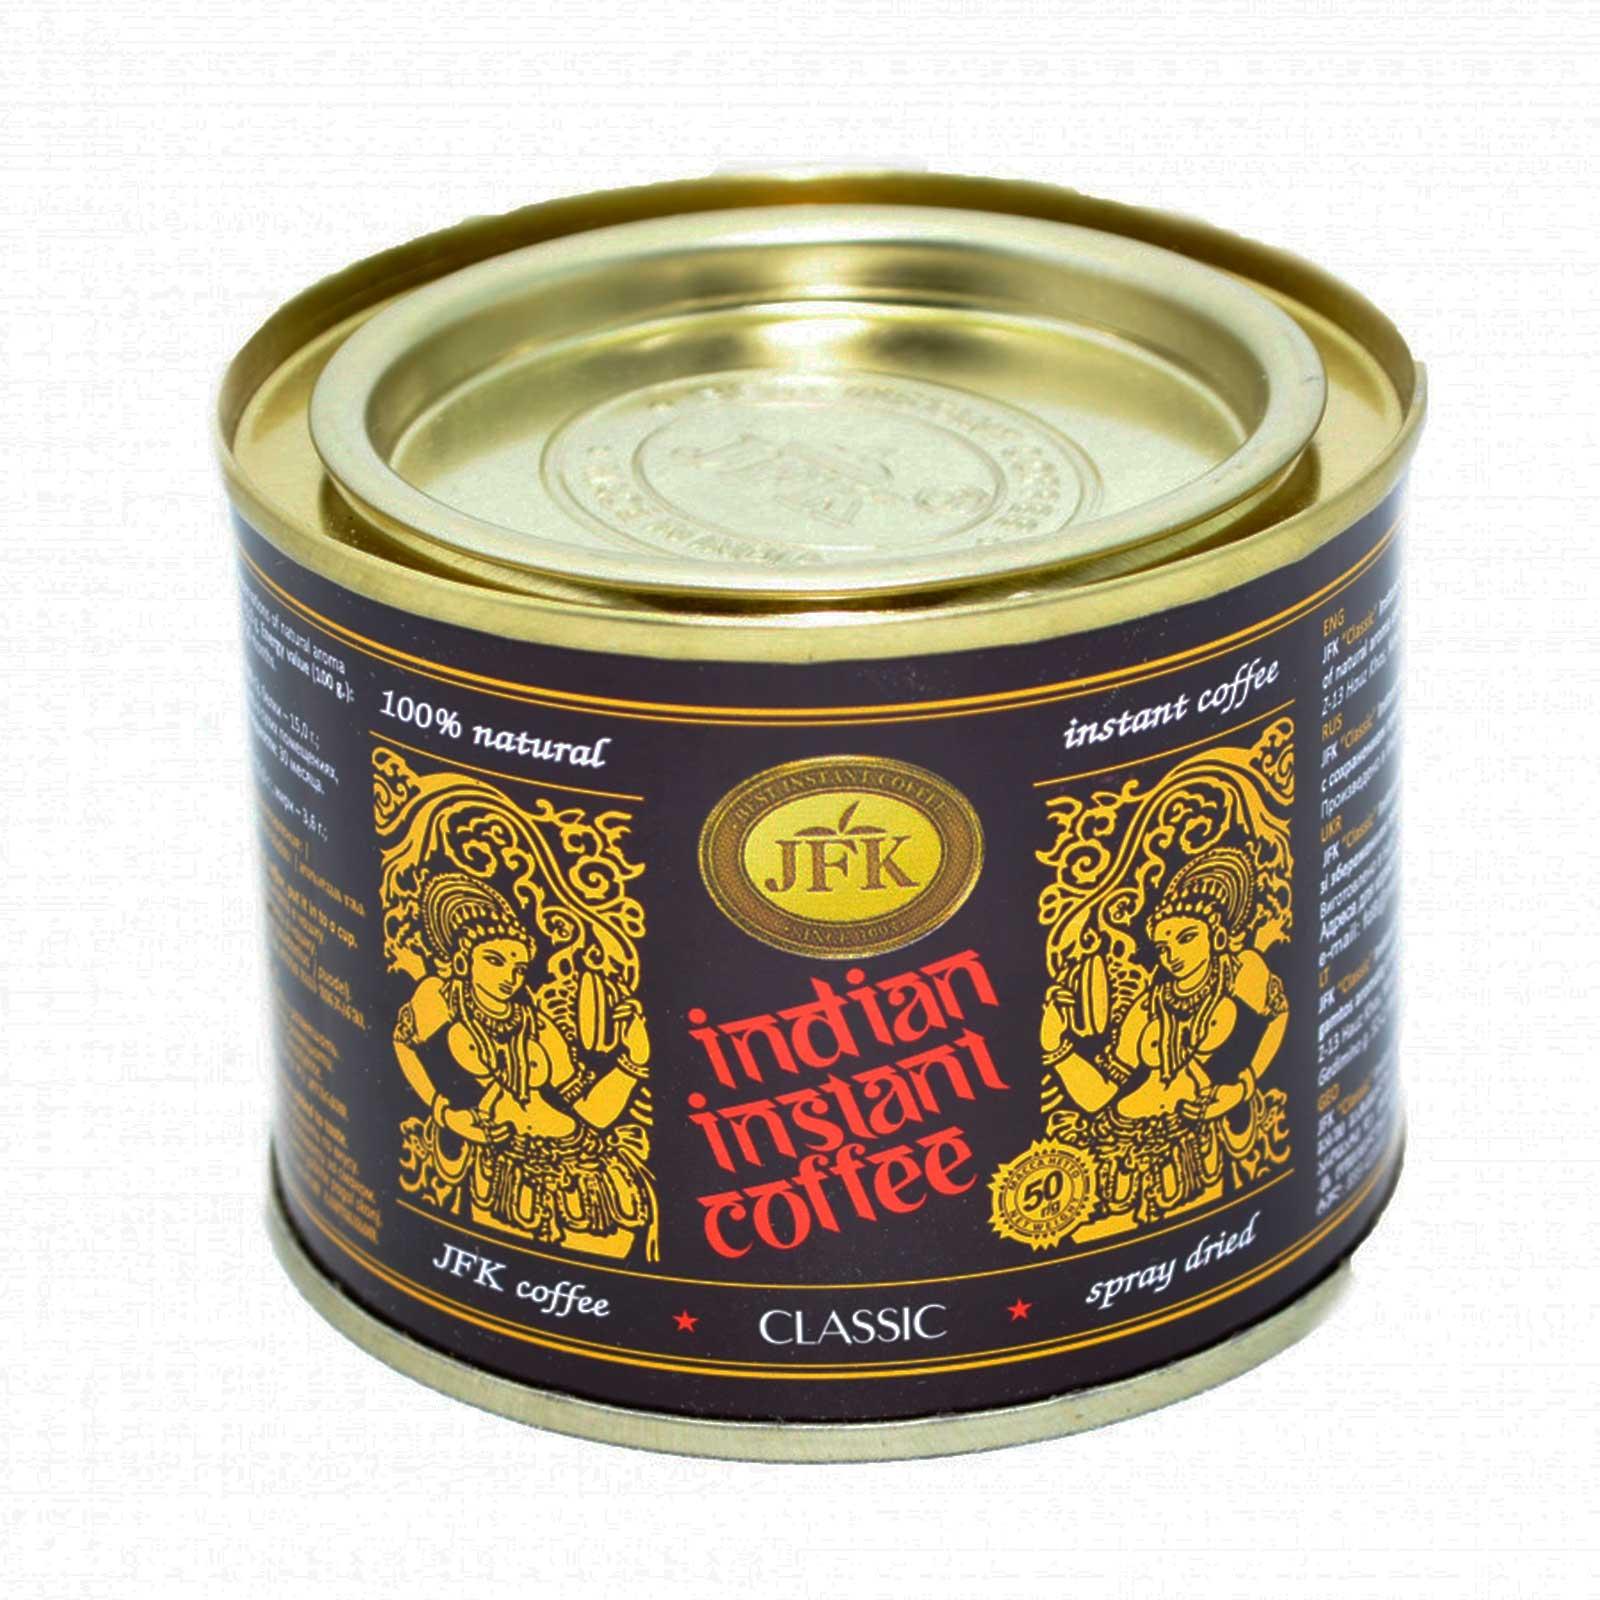 CLASSIC Indian Instant Coffee Powder, JFK (Кофе растворимый, порошкообразный, Инстант КЛАССИК ...